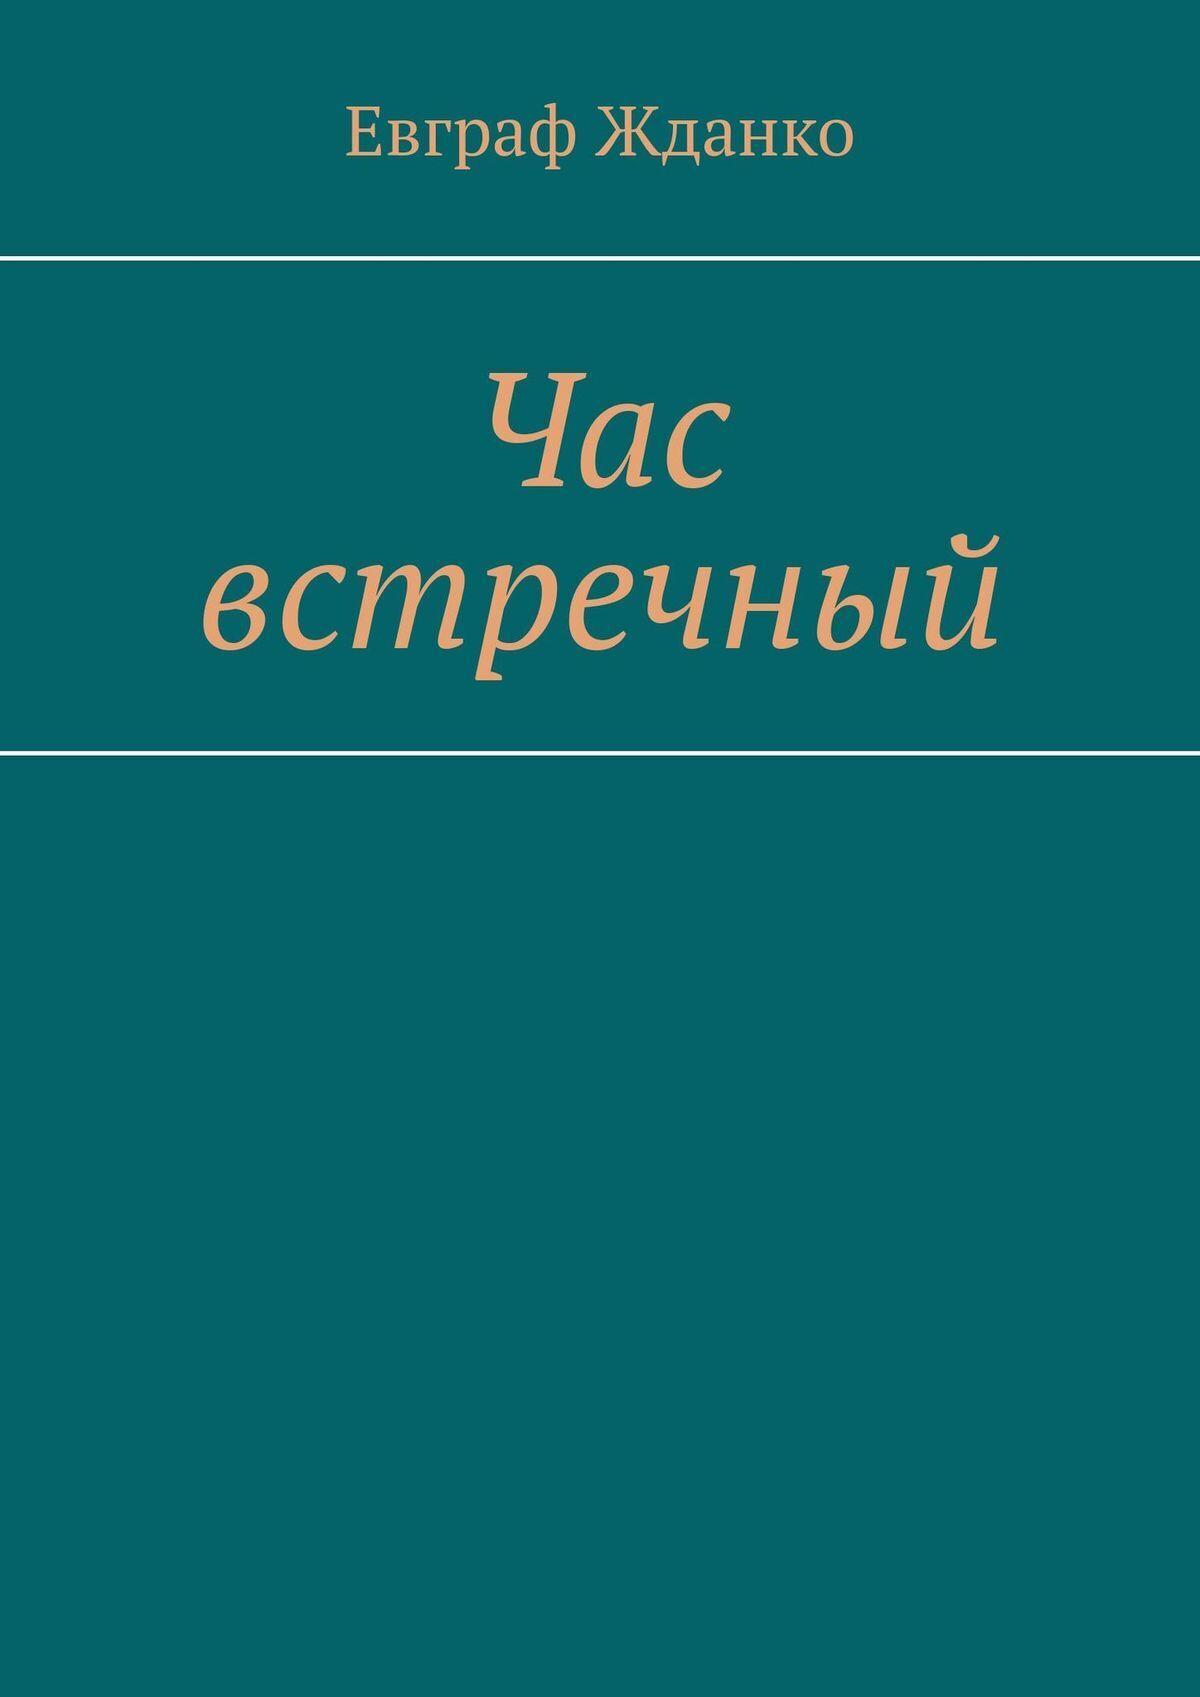 Евграф Жданко Дюжина печали евграф кончин эмиссары восемнадцатого года